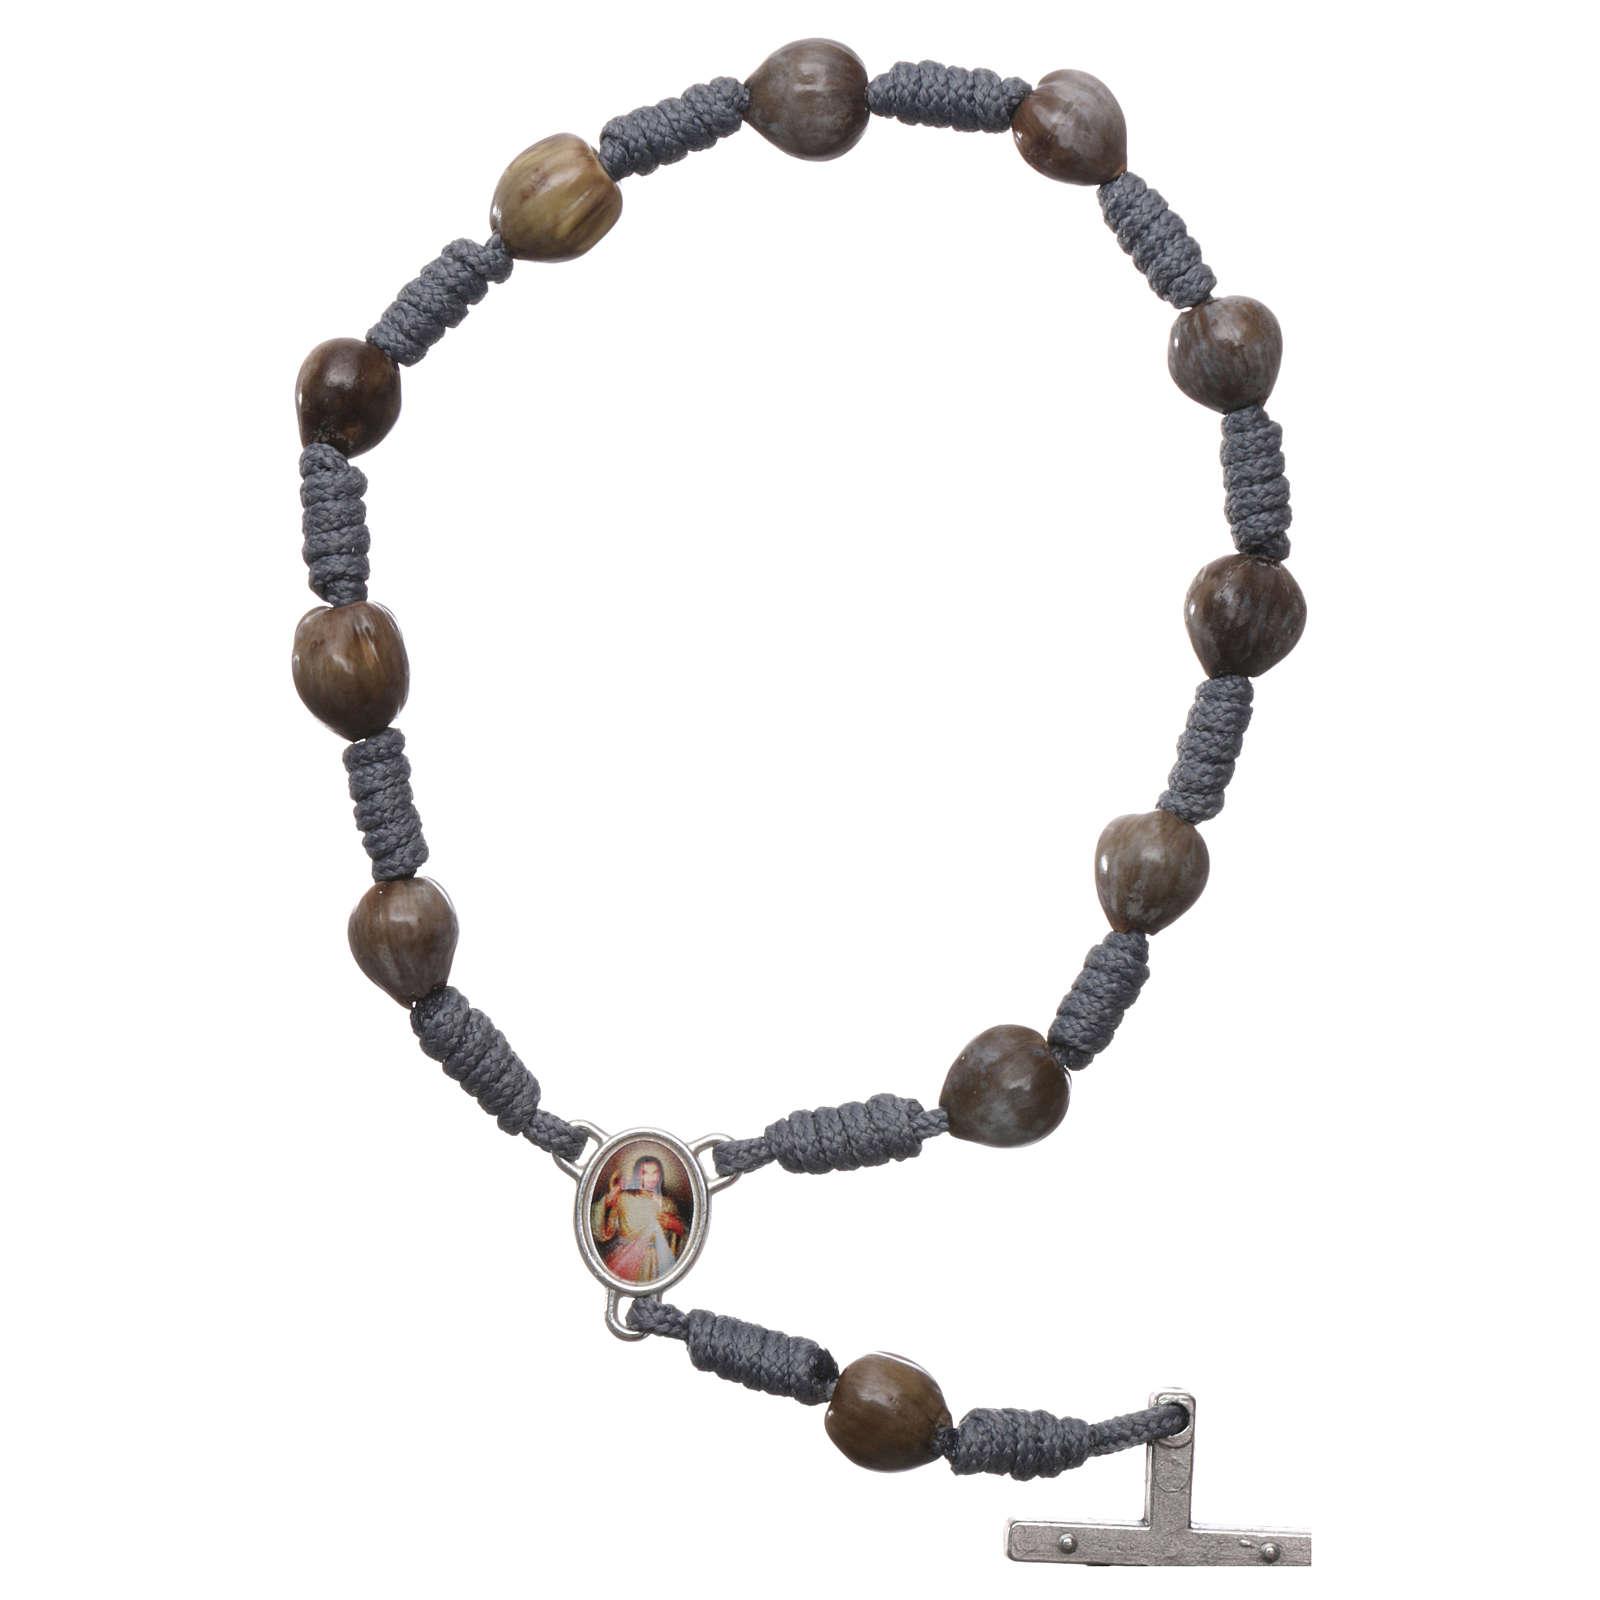 Dezena Medjugorje Lágrimas de Jó corda cinzenta cruz 4x2 cm 4